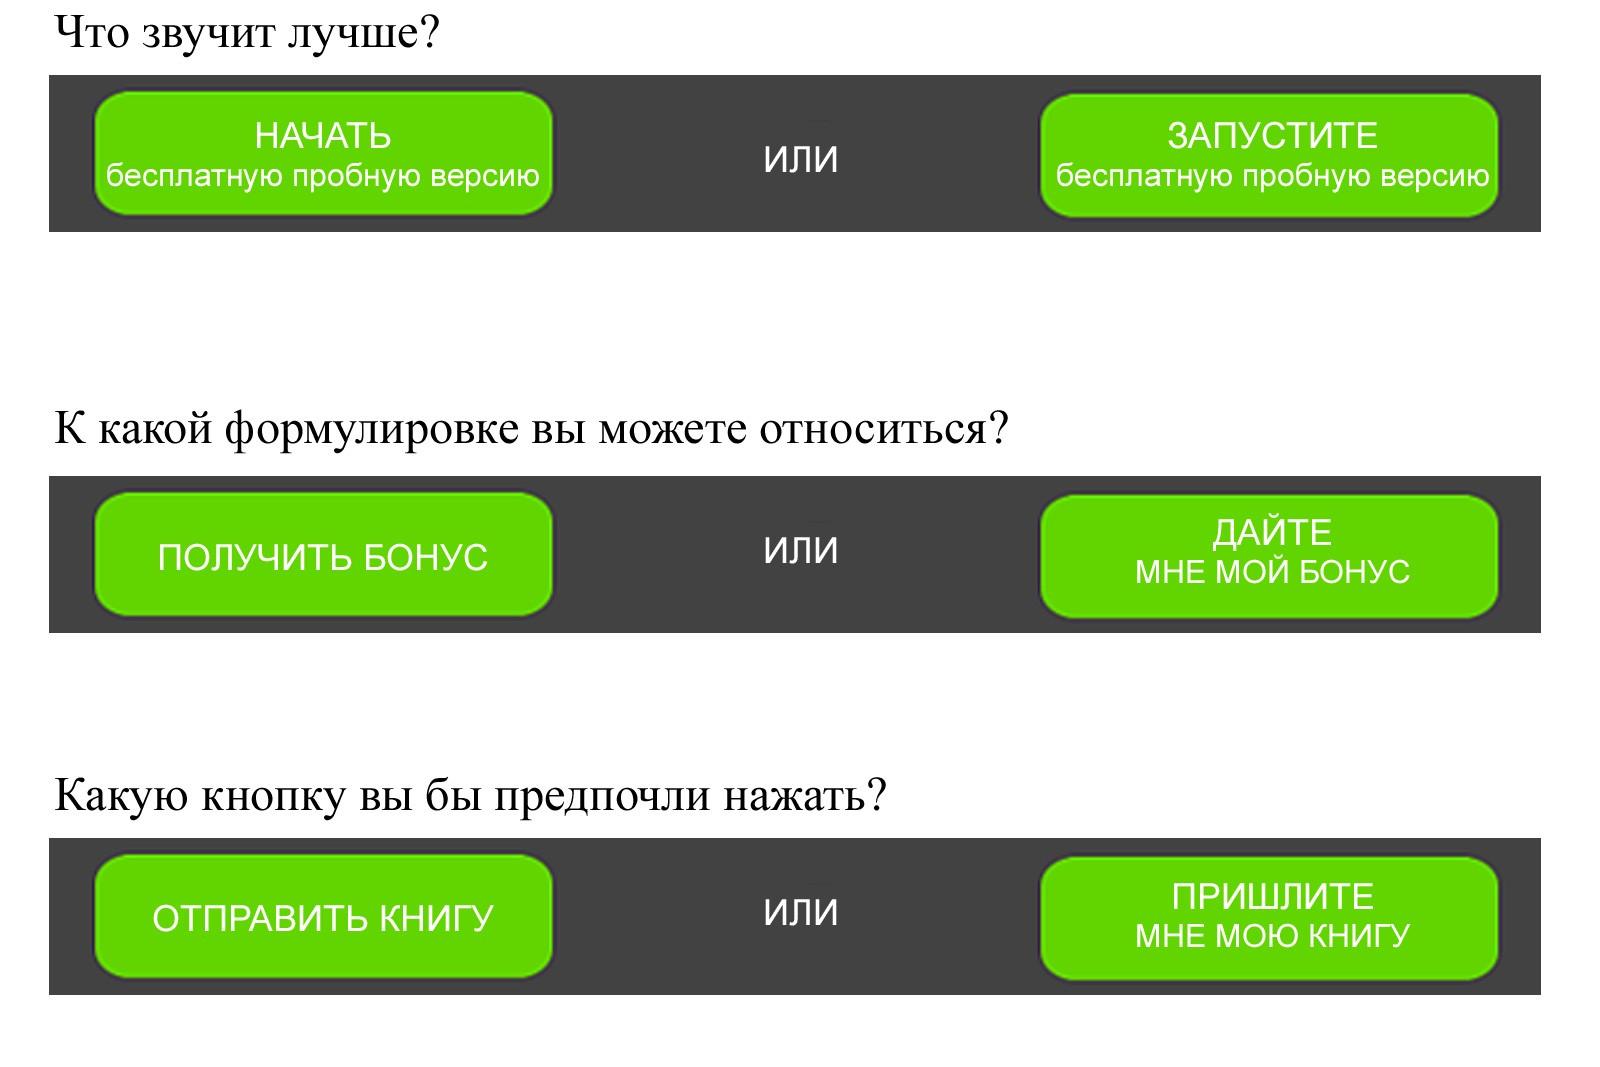 Сплит-тест кнопки подписки